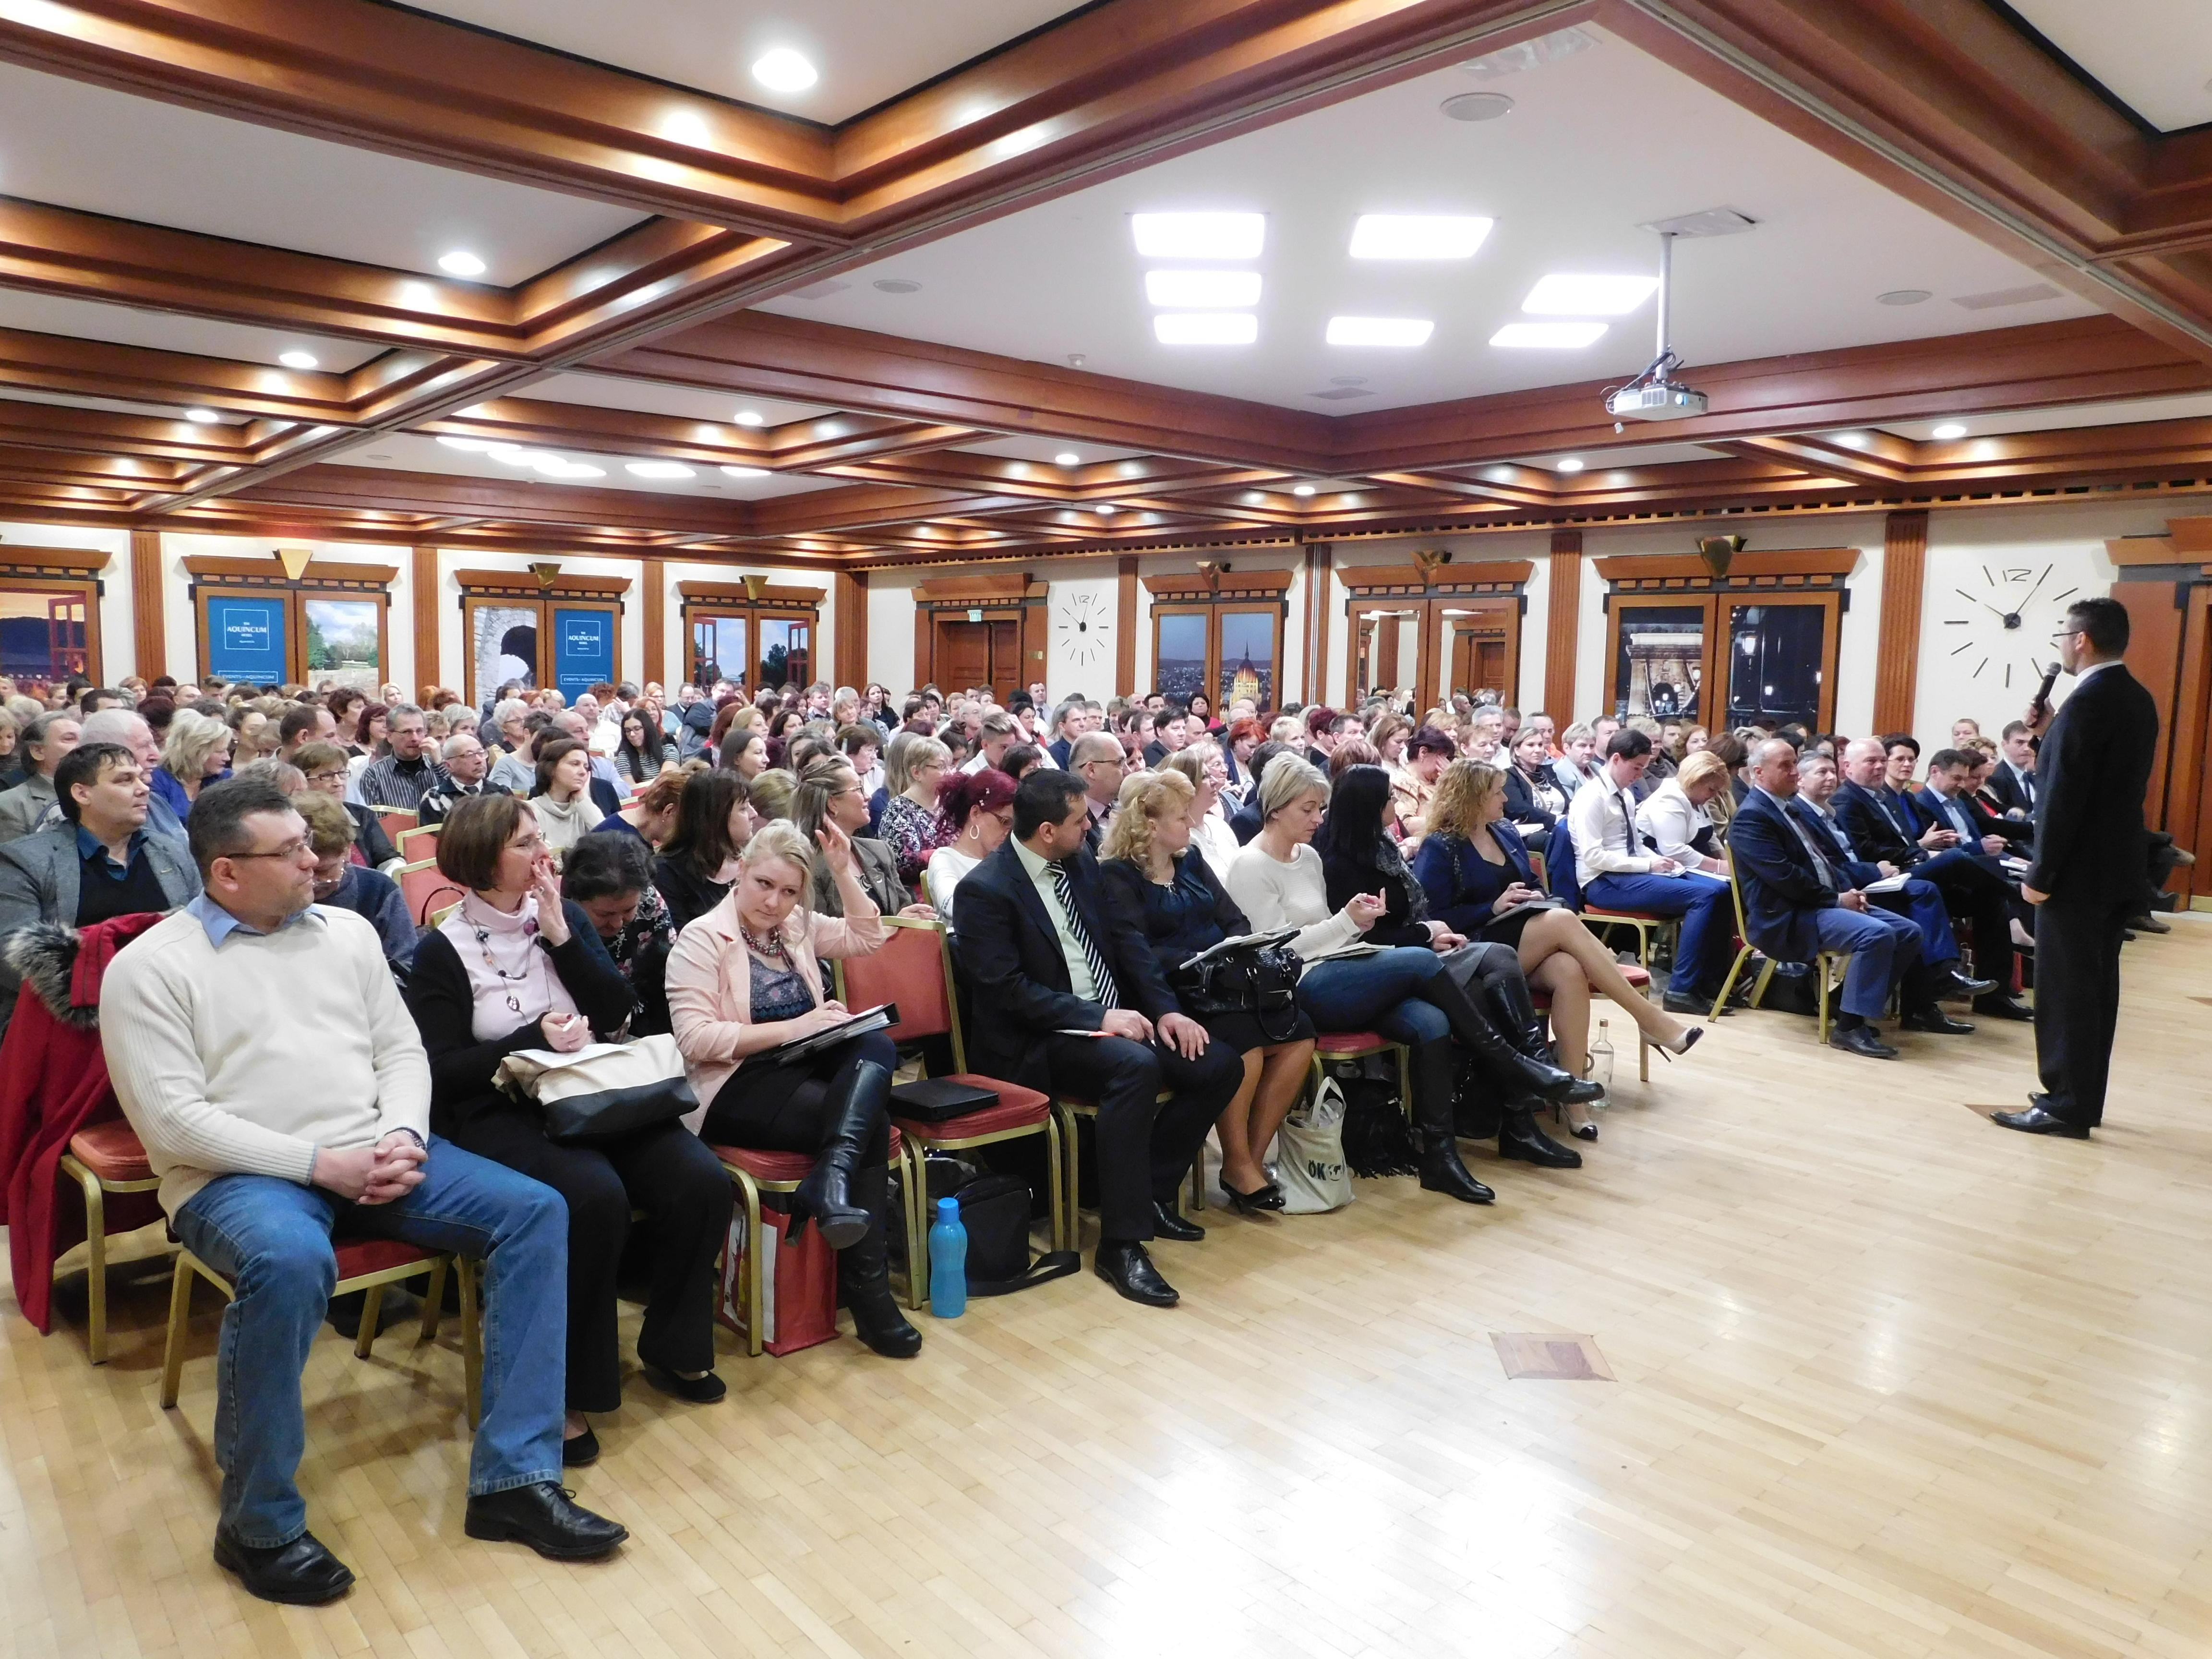 Tömött széksorok a februári Starton a budapesti Aquincumban, a Ferenczy-, Kónya- és Vass-ágon